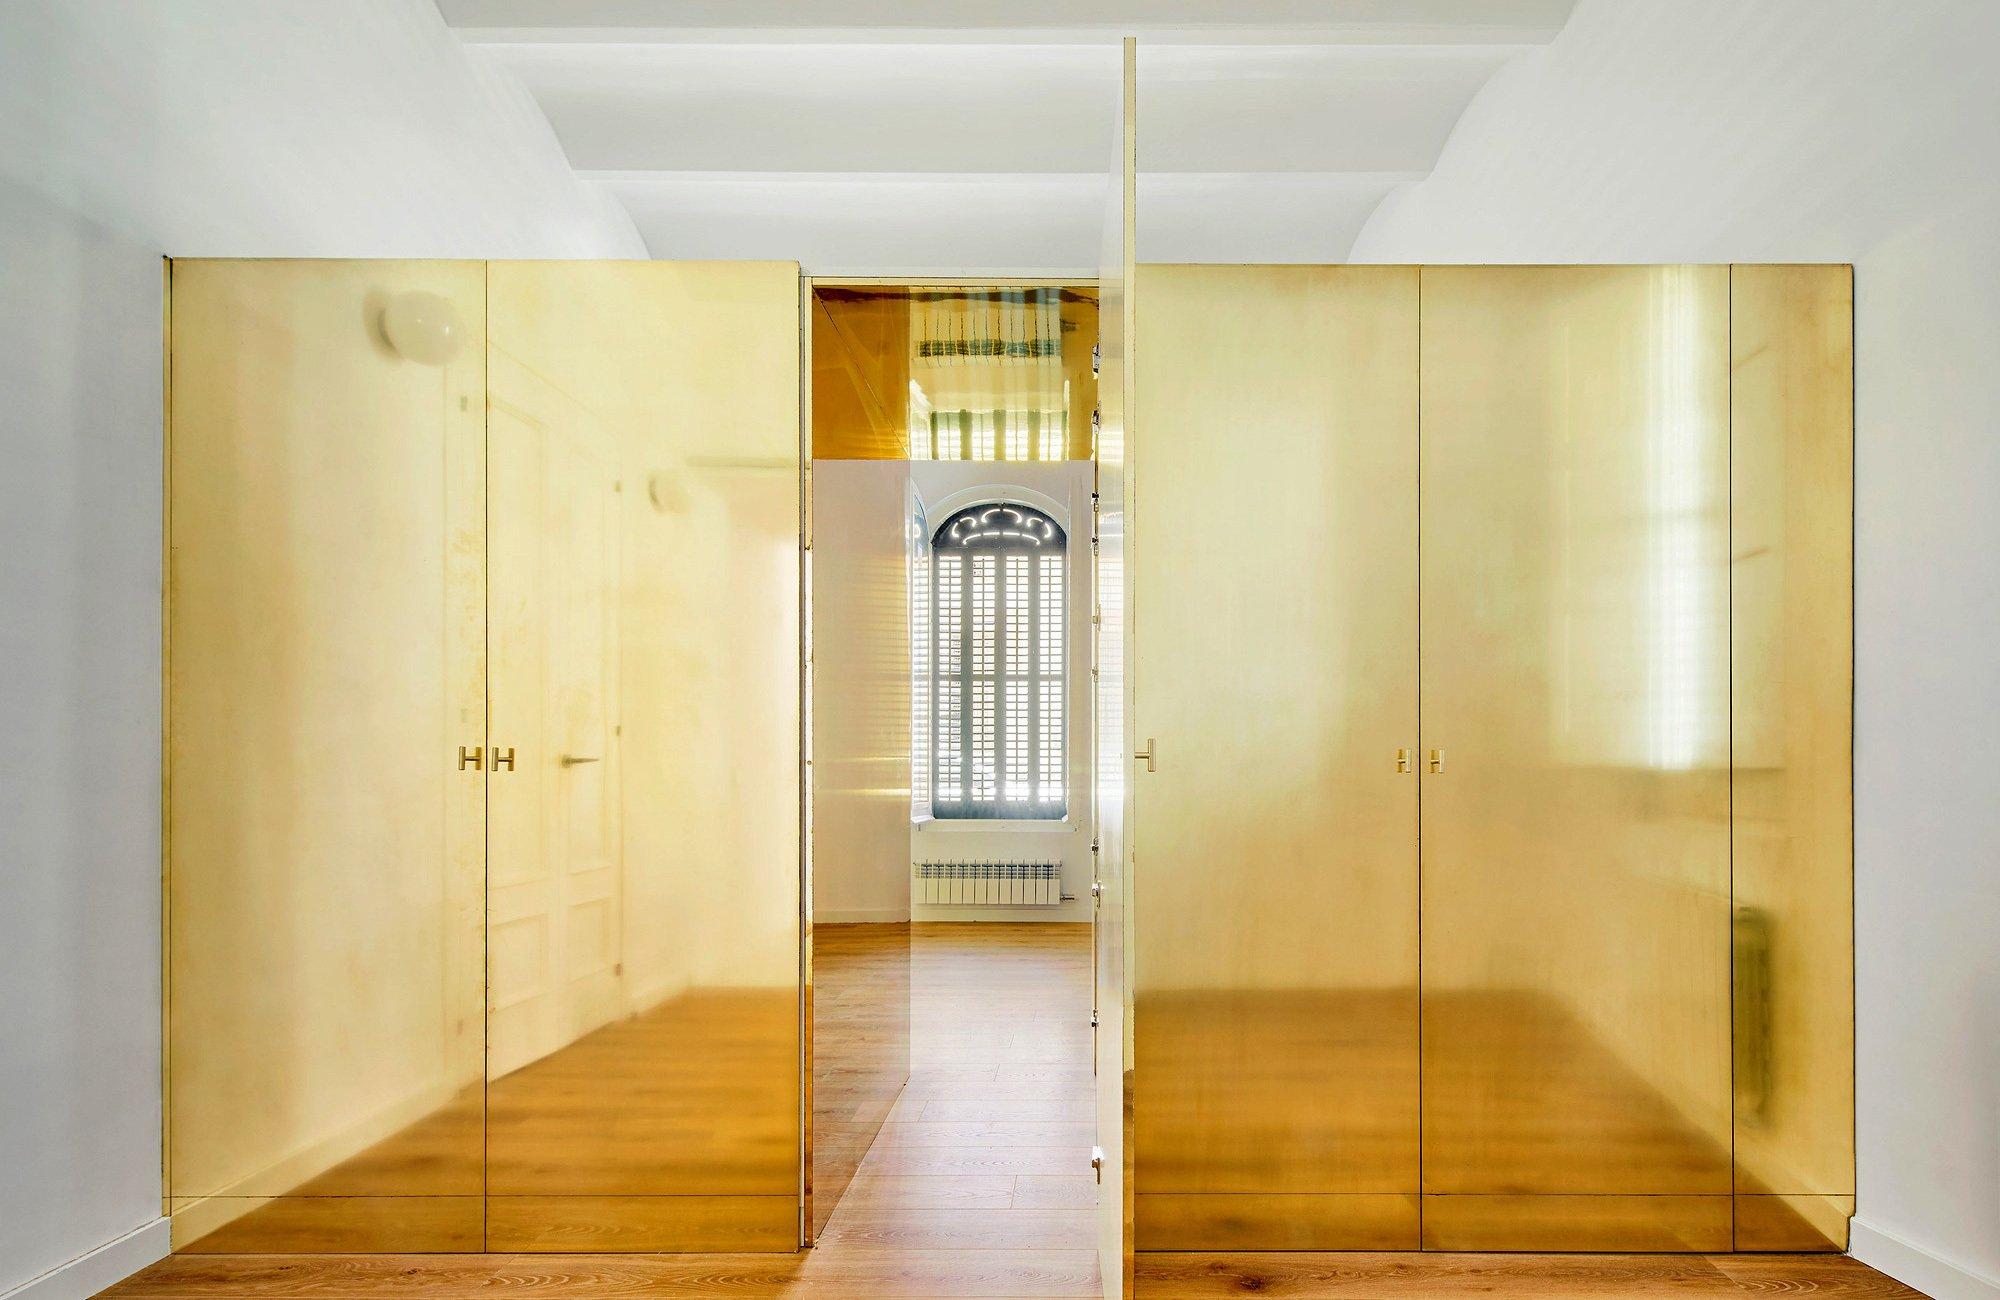 """Für das Kinderzimmer gestaltete der Architekt ein schillerndes Messingmodul rund um die Kleiderschränke, das die Räume trennt, aber durch den """"Geheimgang"""" auch eine Verbindung schafft."""